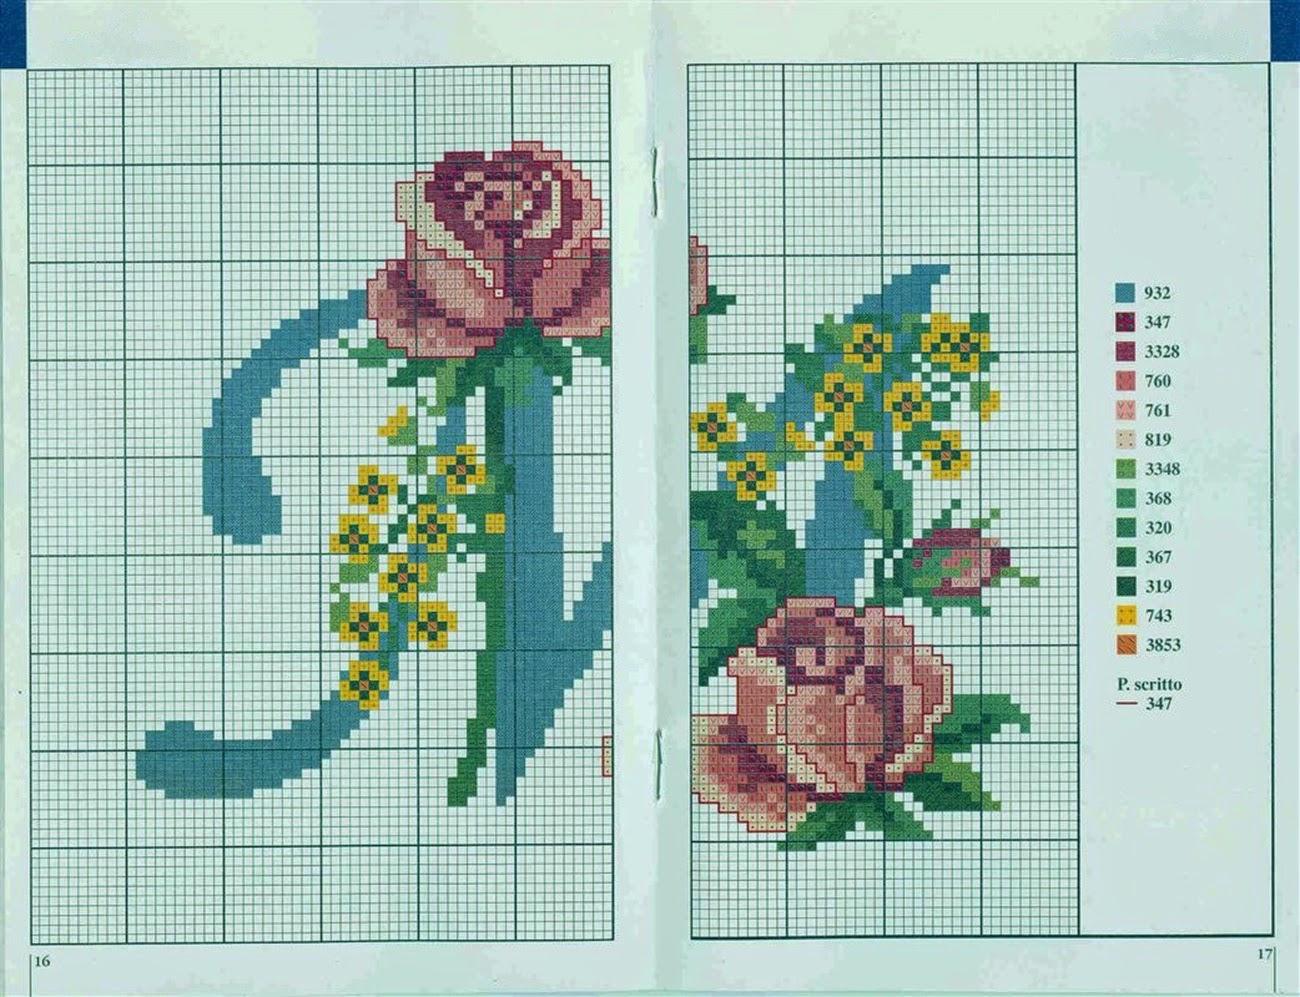 Professione donna schemi per il punto croce alfabeto con for Immagini punto croce per bambini